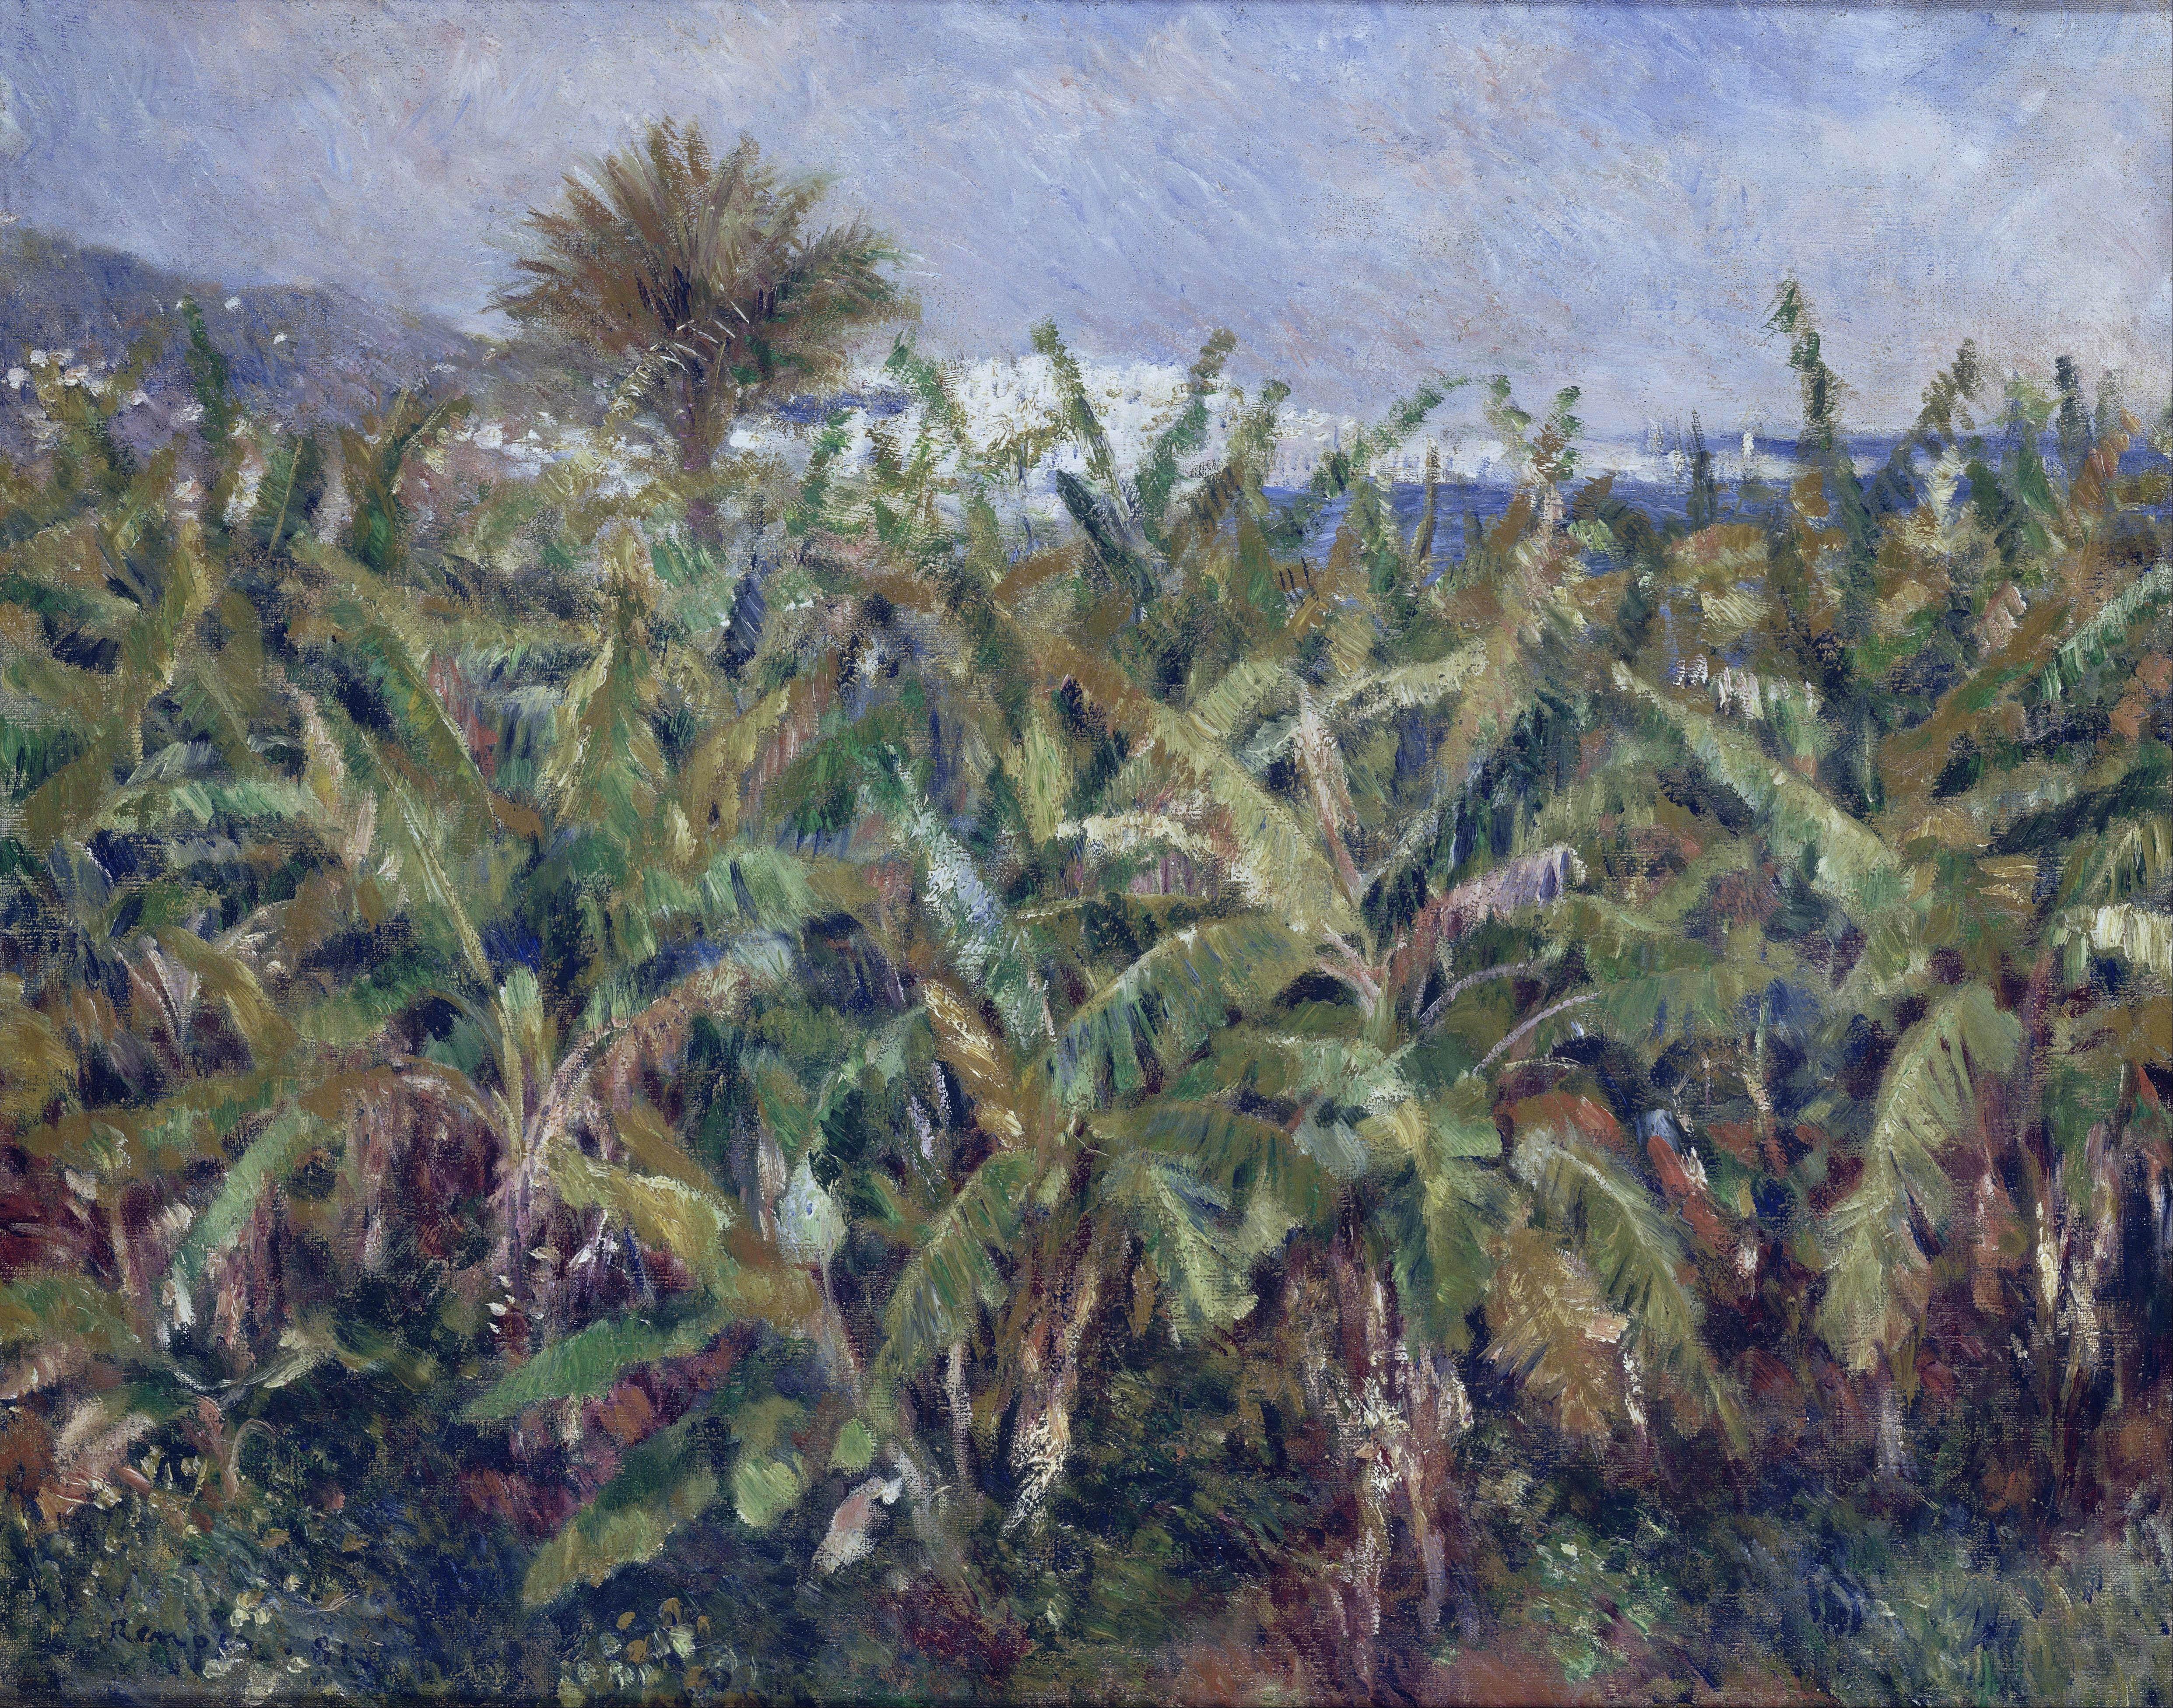 Художник Ренуар Renoir картина Банановое поле Champ de bananiers пейзажи Природы Альберт Сафиуллин